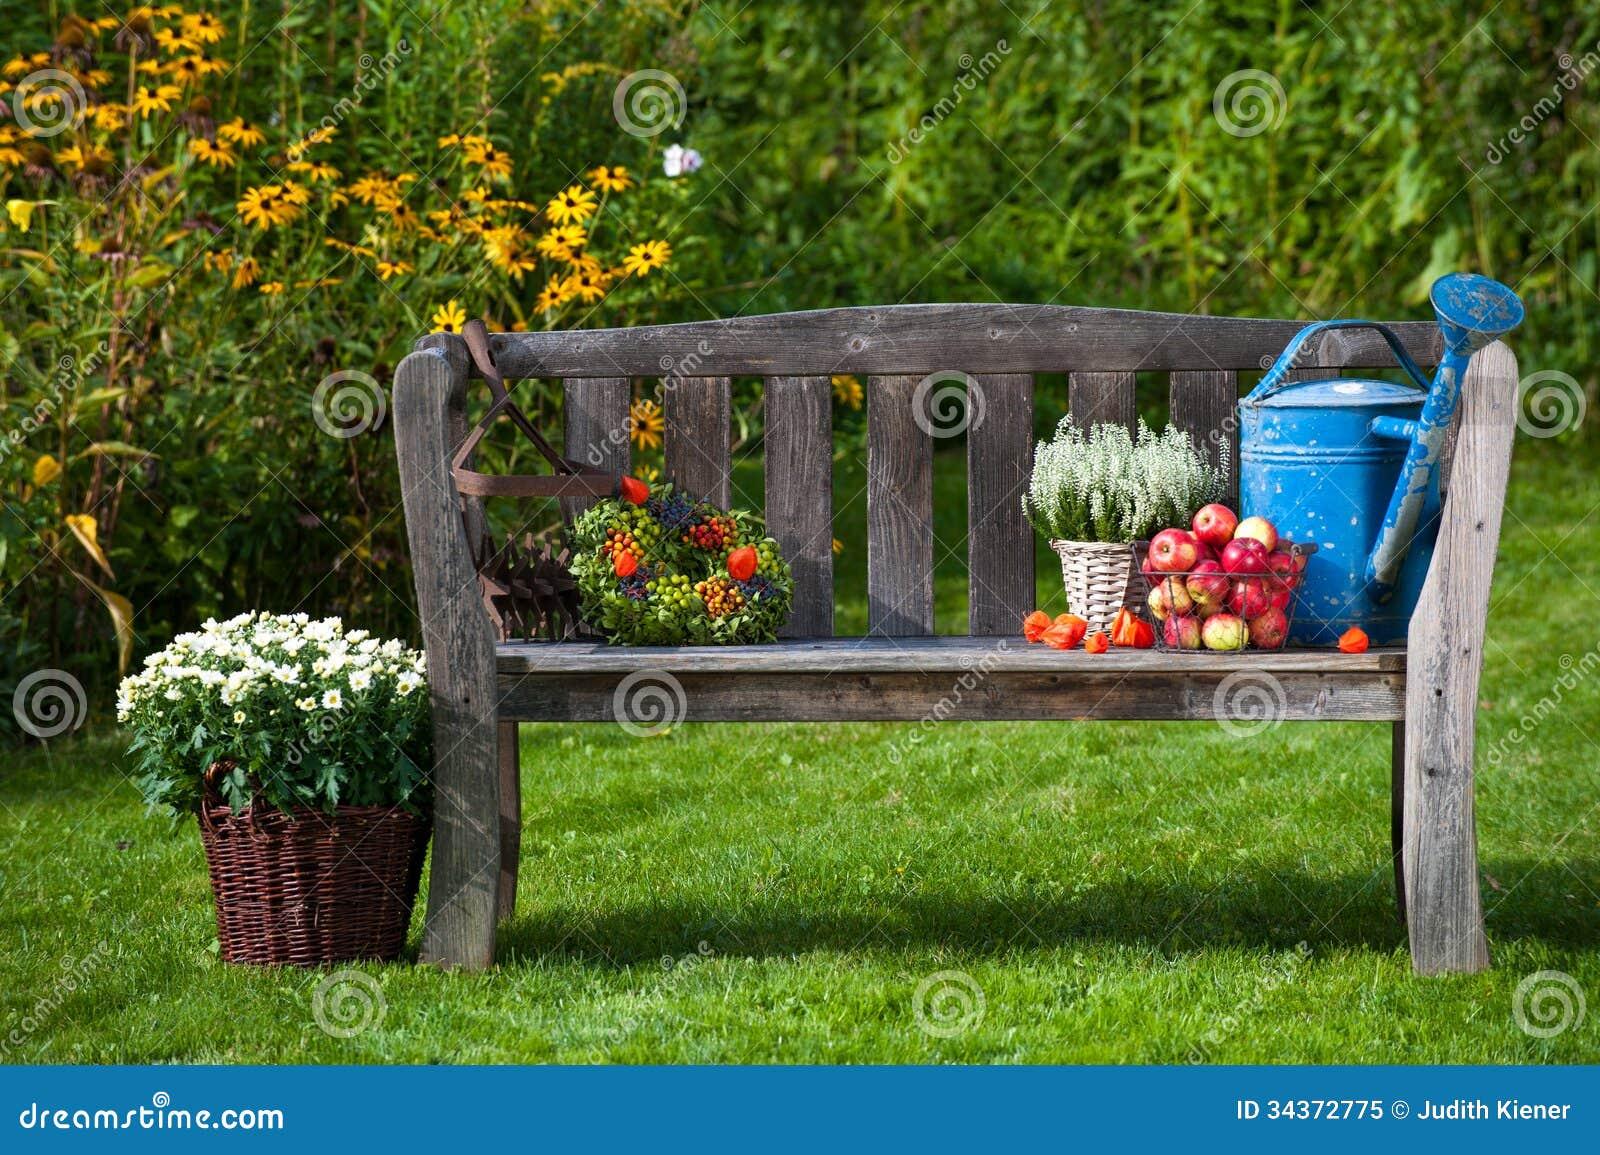 Garden bench with autumn decoration.